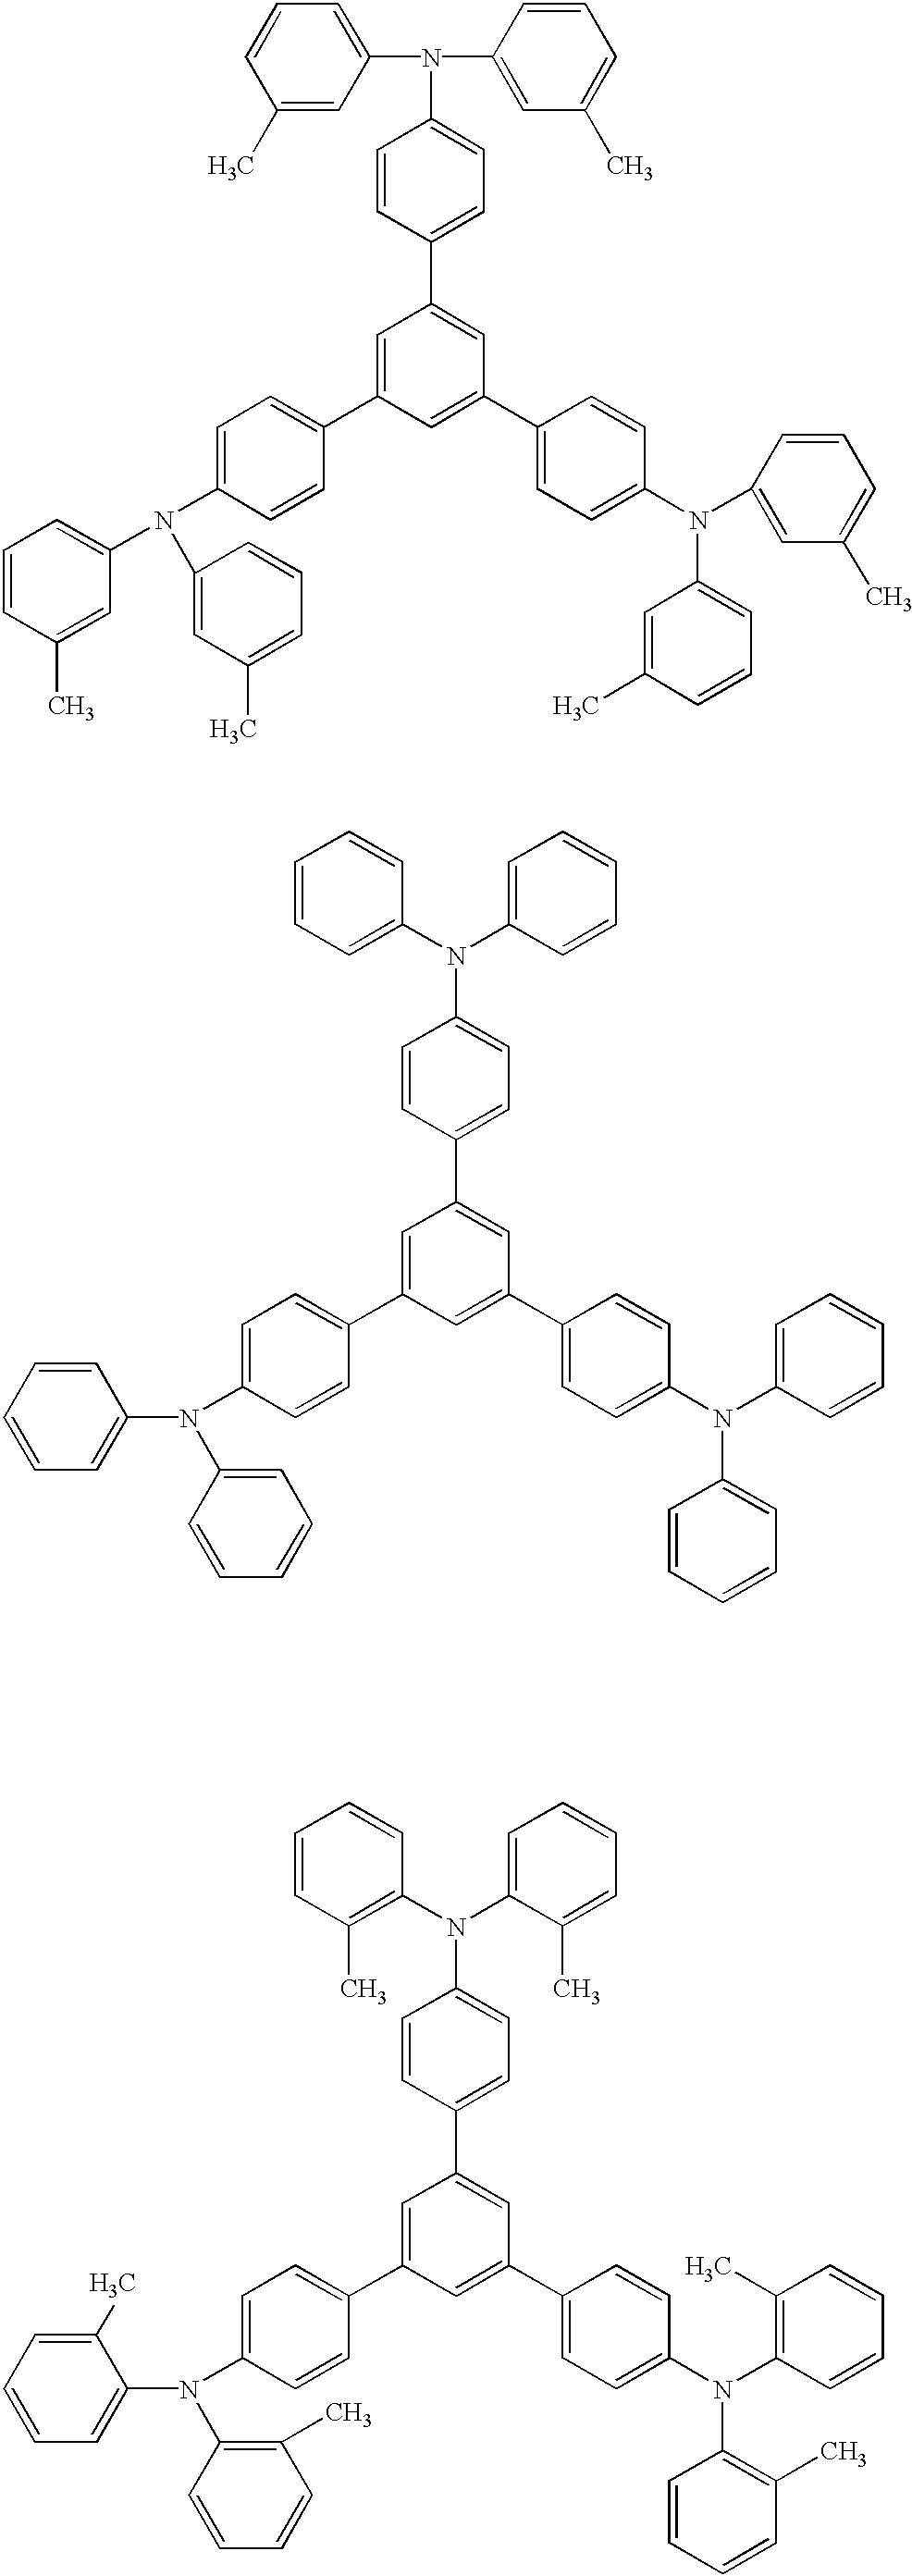 Figure US20020110701A1-20020815-C00004